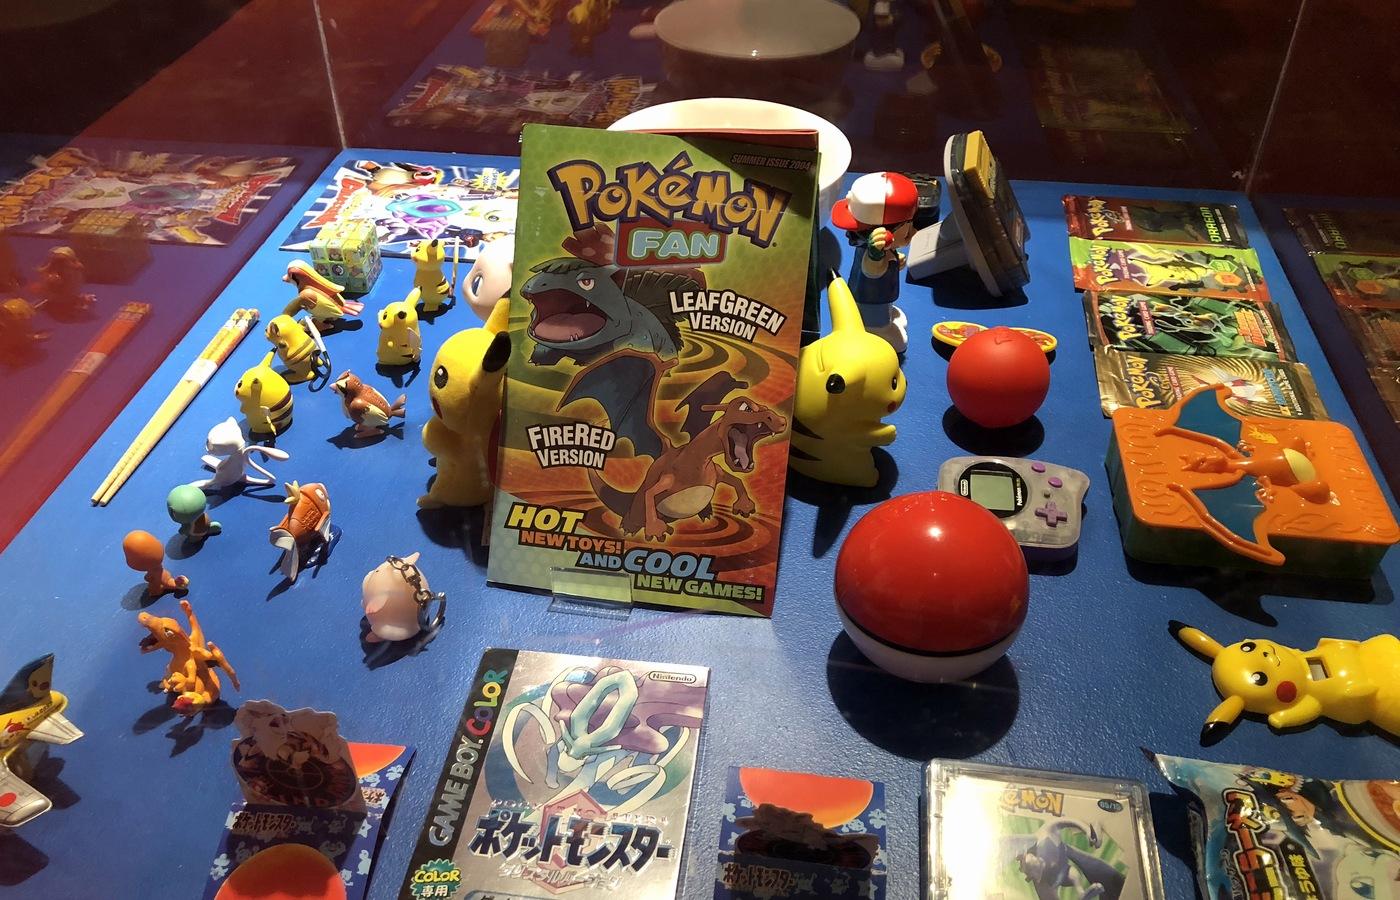 Figurky, hry a další merchandising týkající se Pokémonů